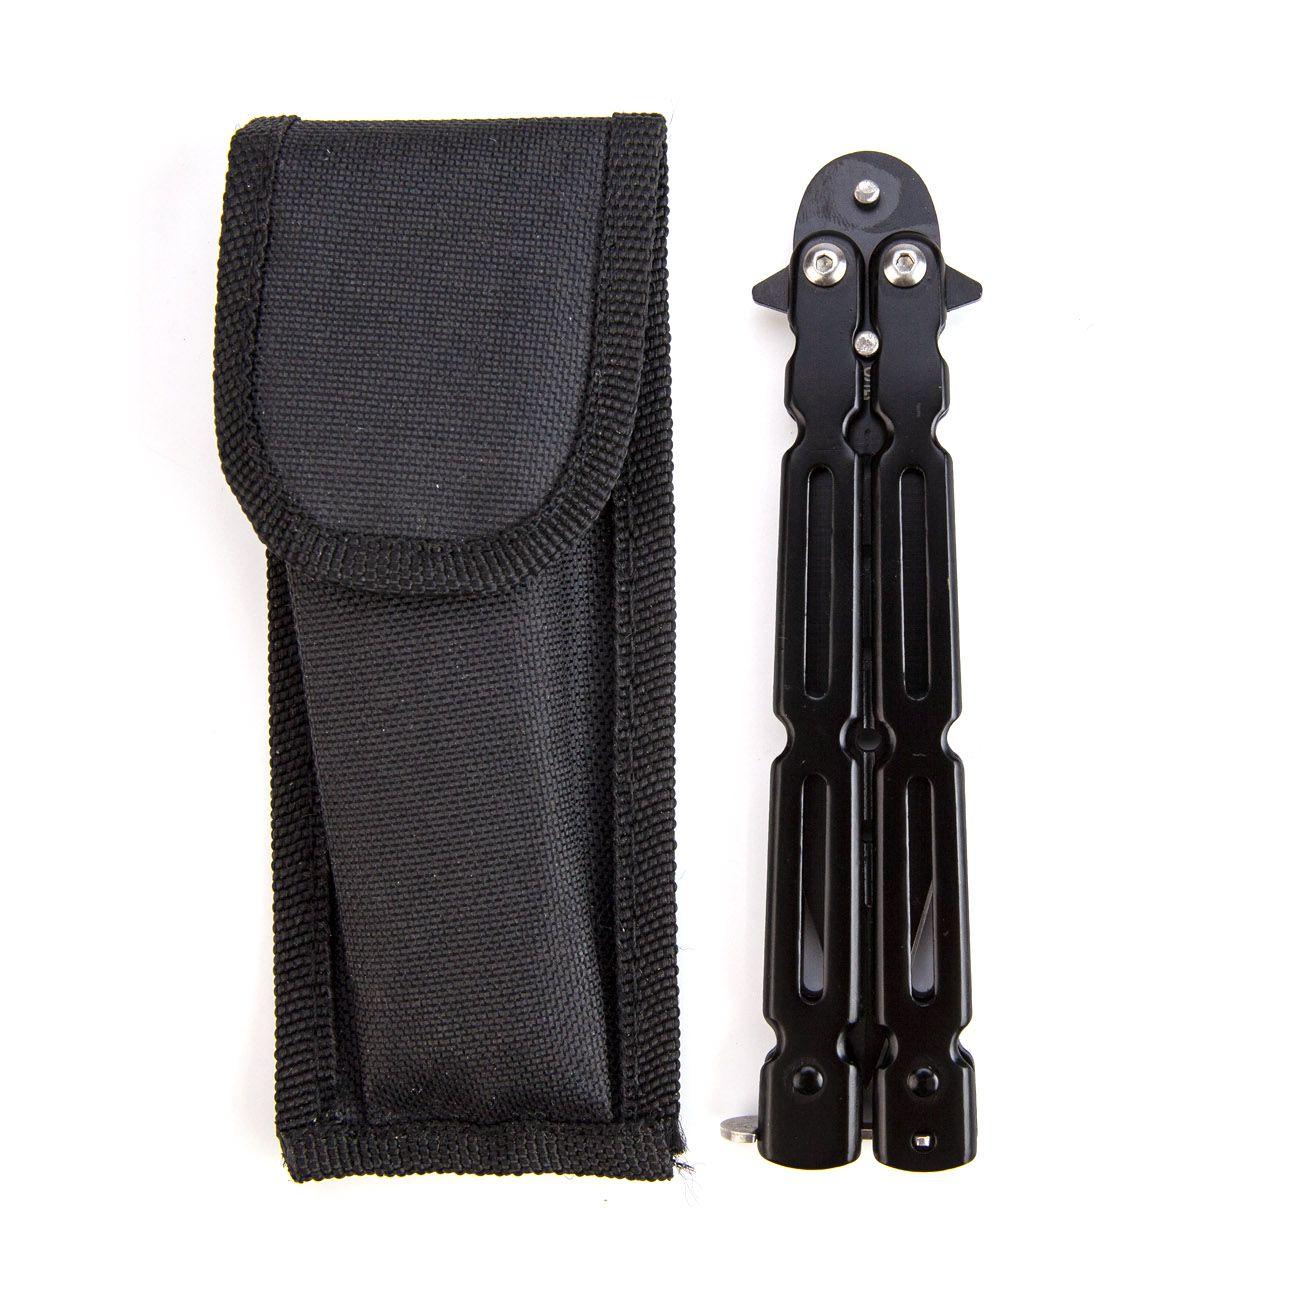 Canivete Butterfly Black 966 com Bainha  - Comprando & Pescando